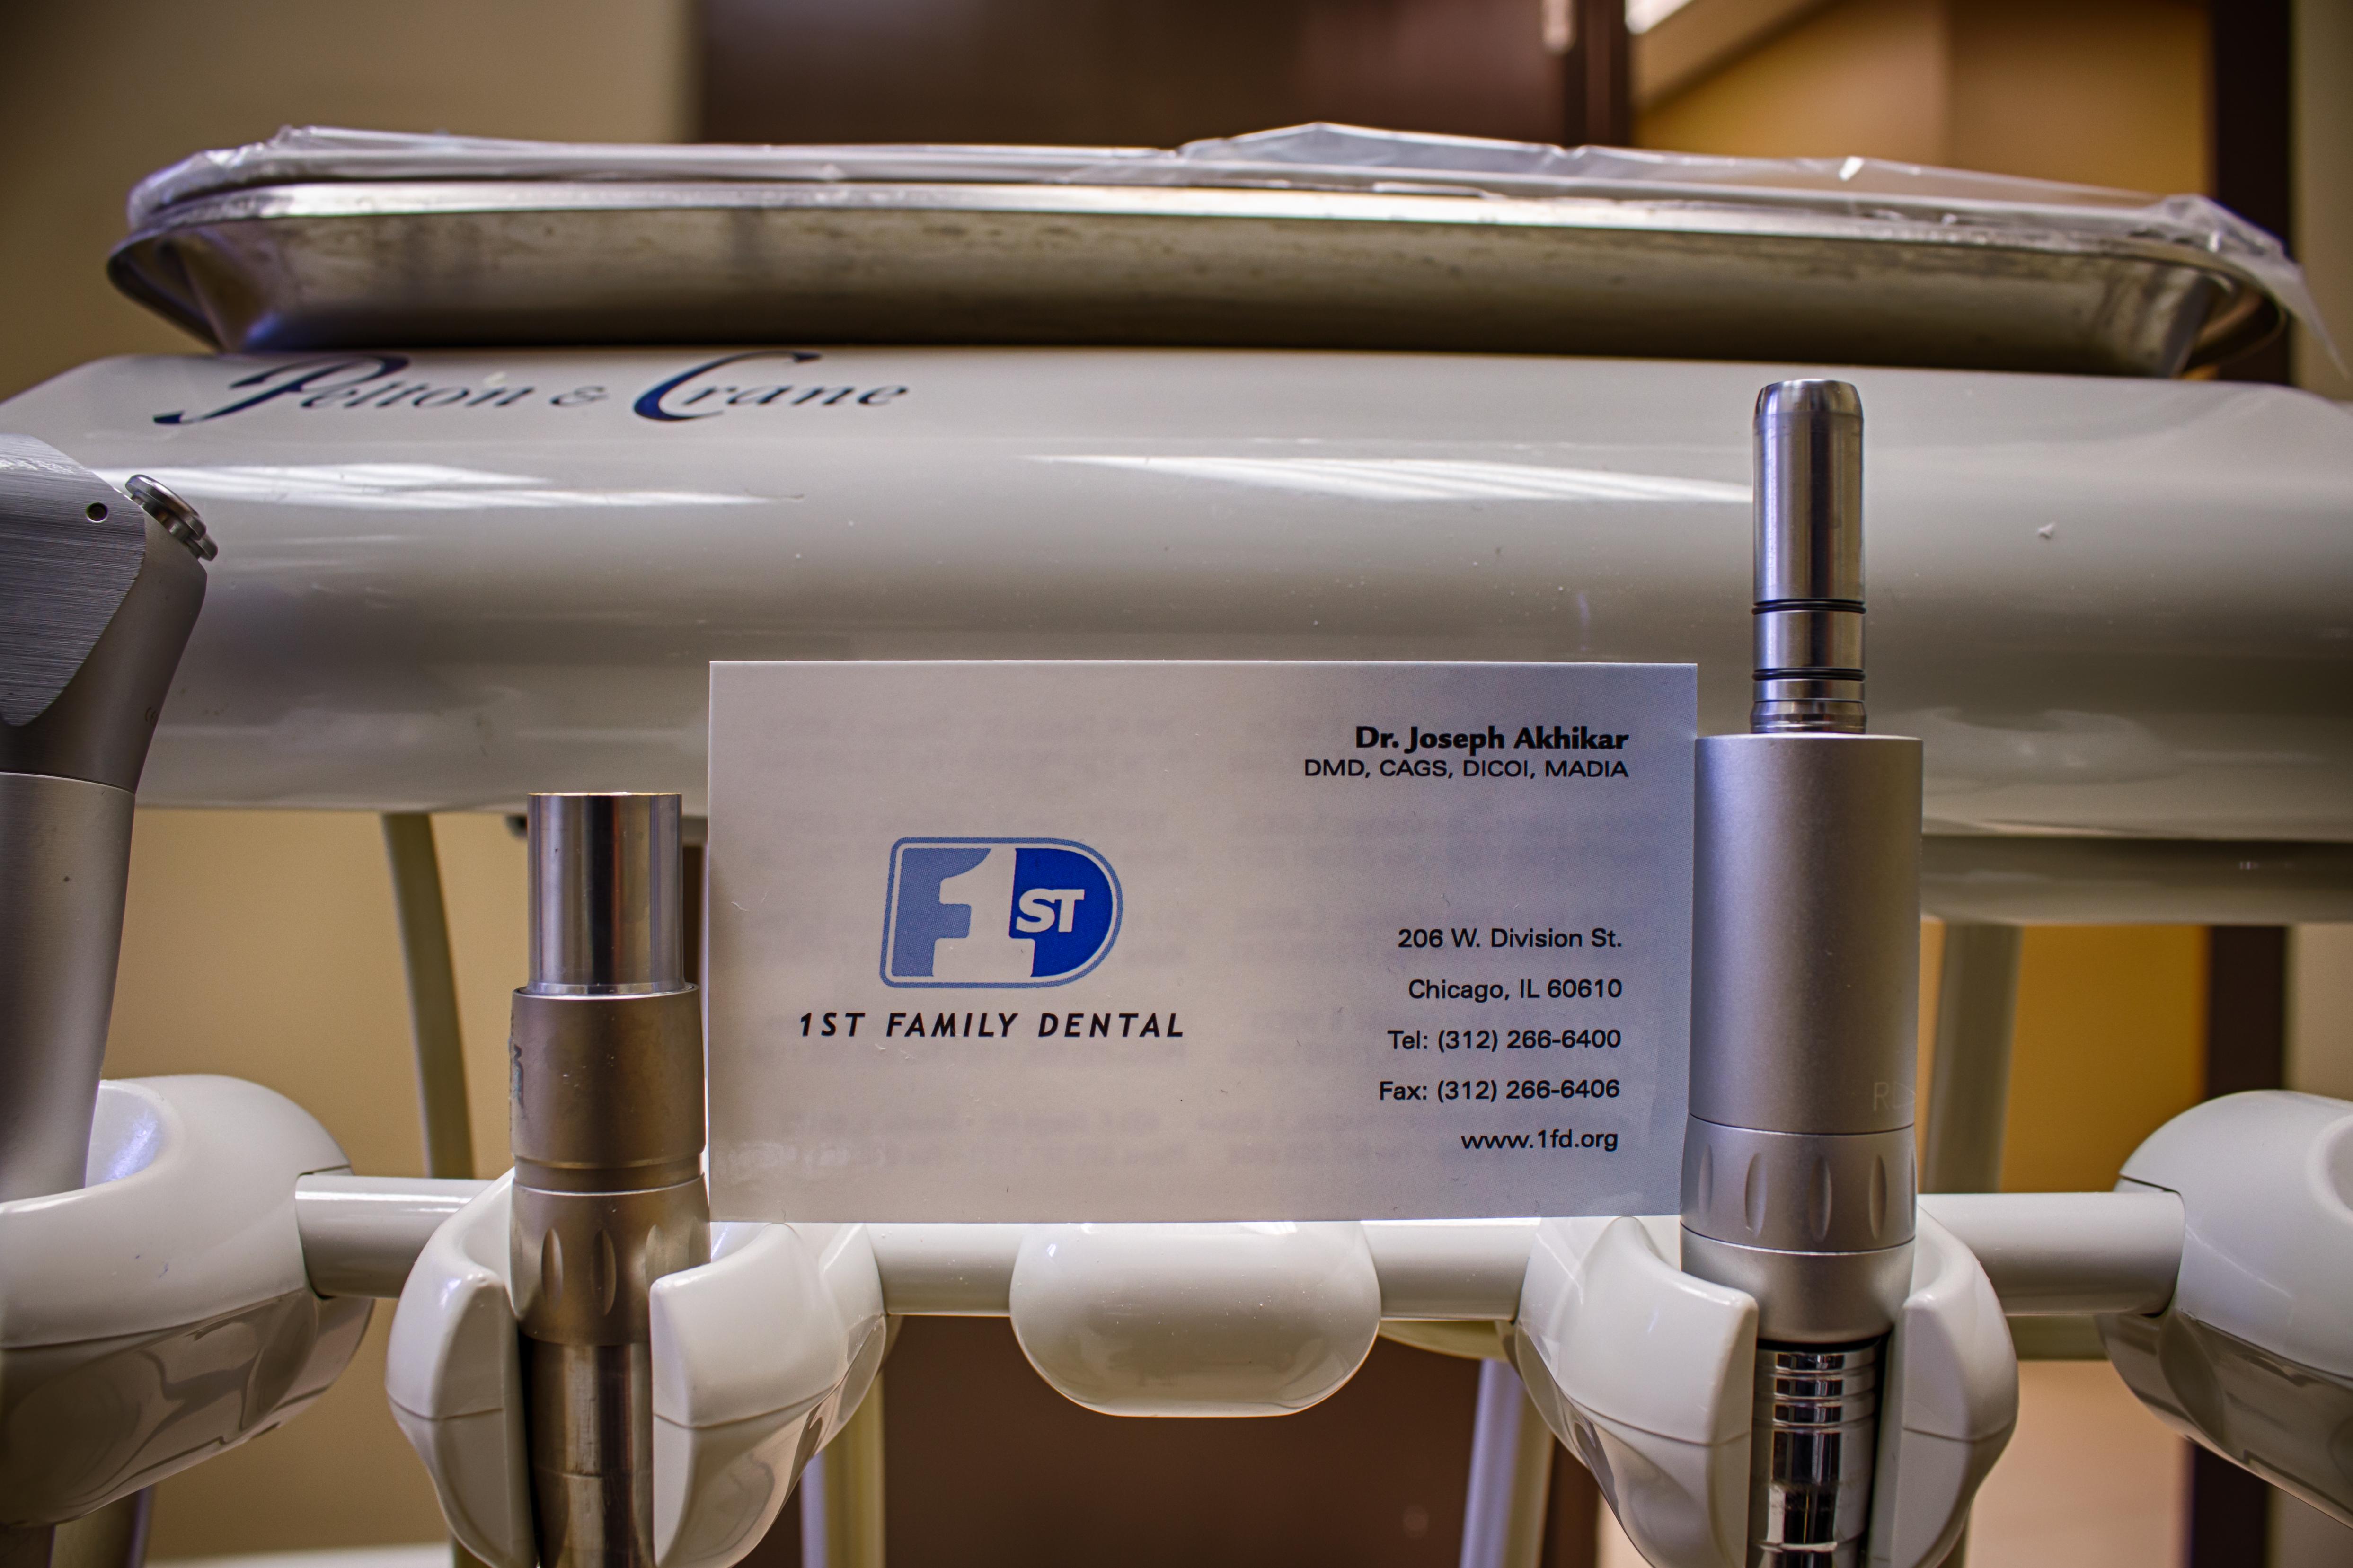 1st Family Dental of Chicago image 24